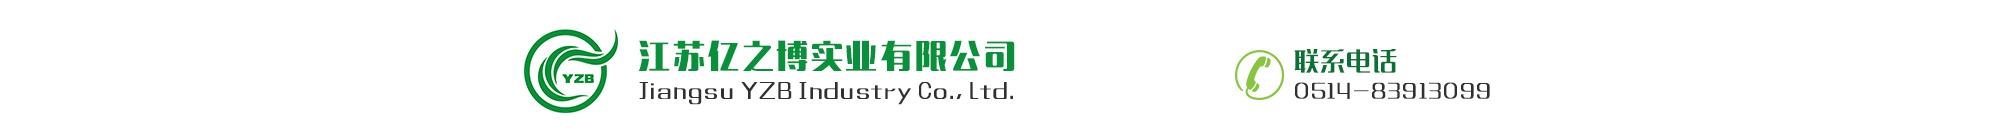 江苏亿之博实业有限公司